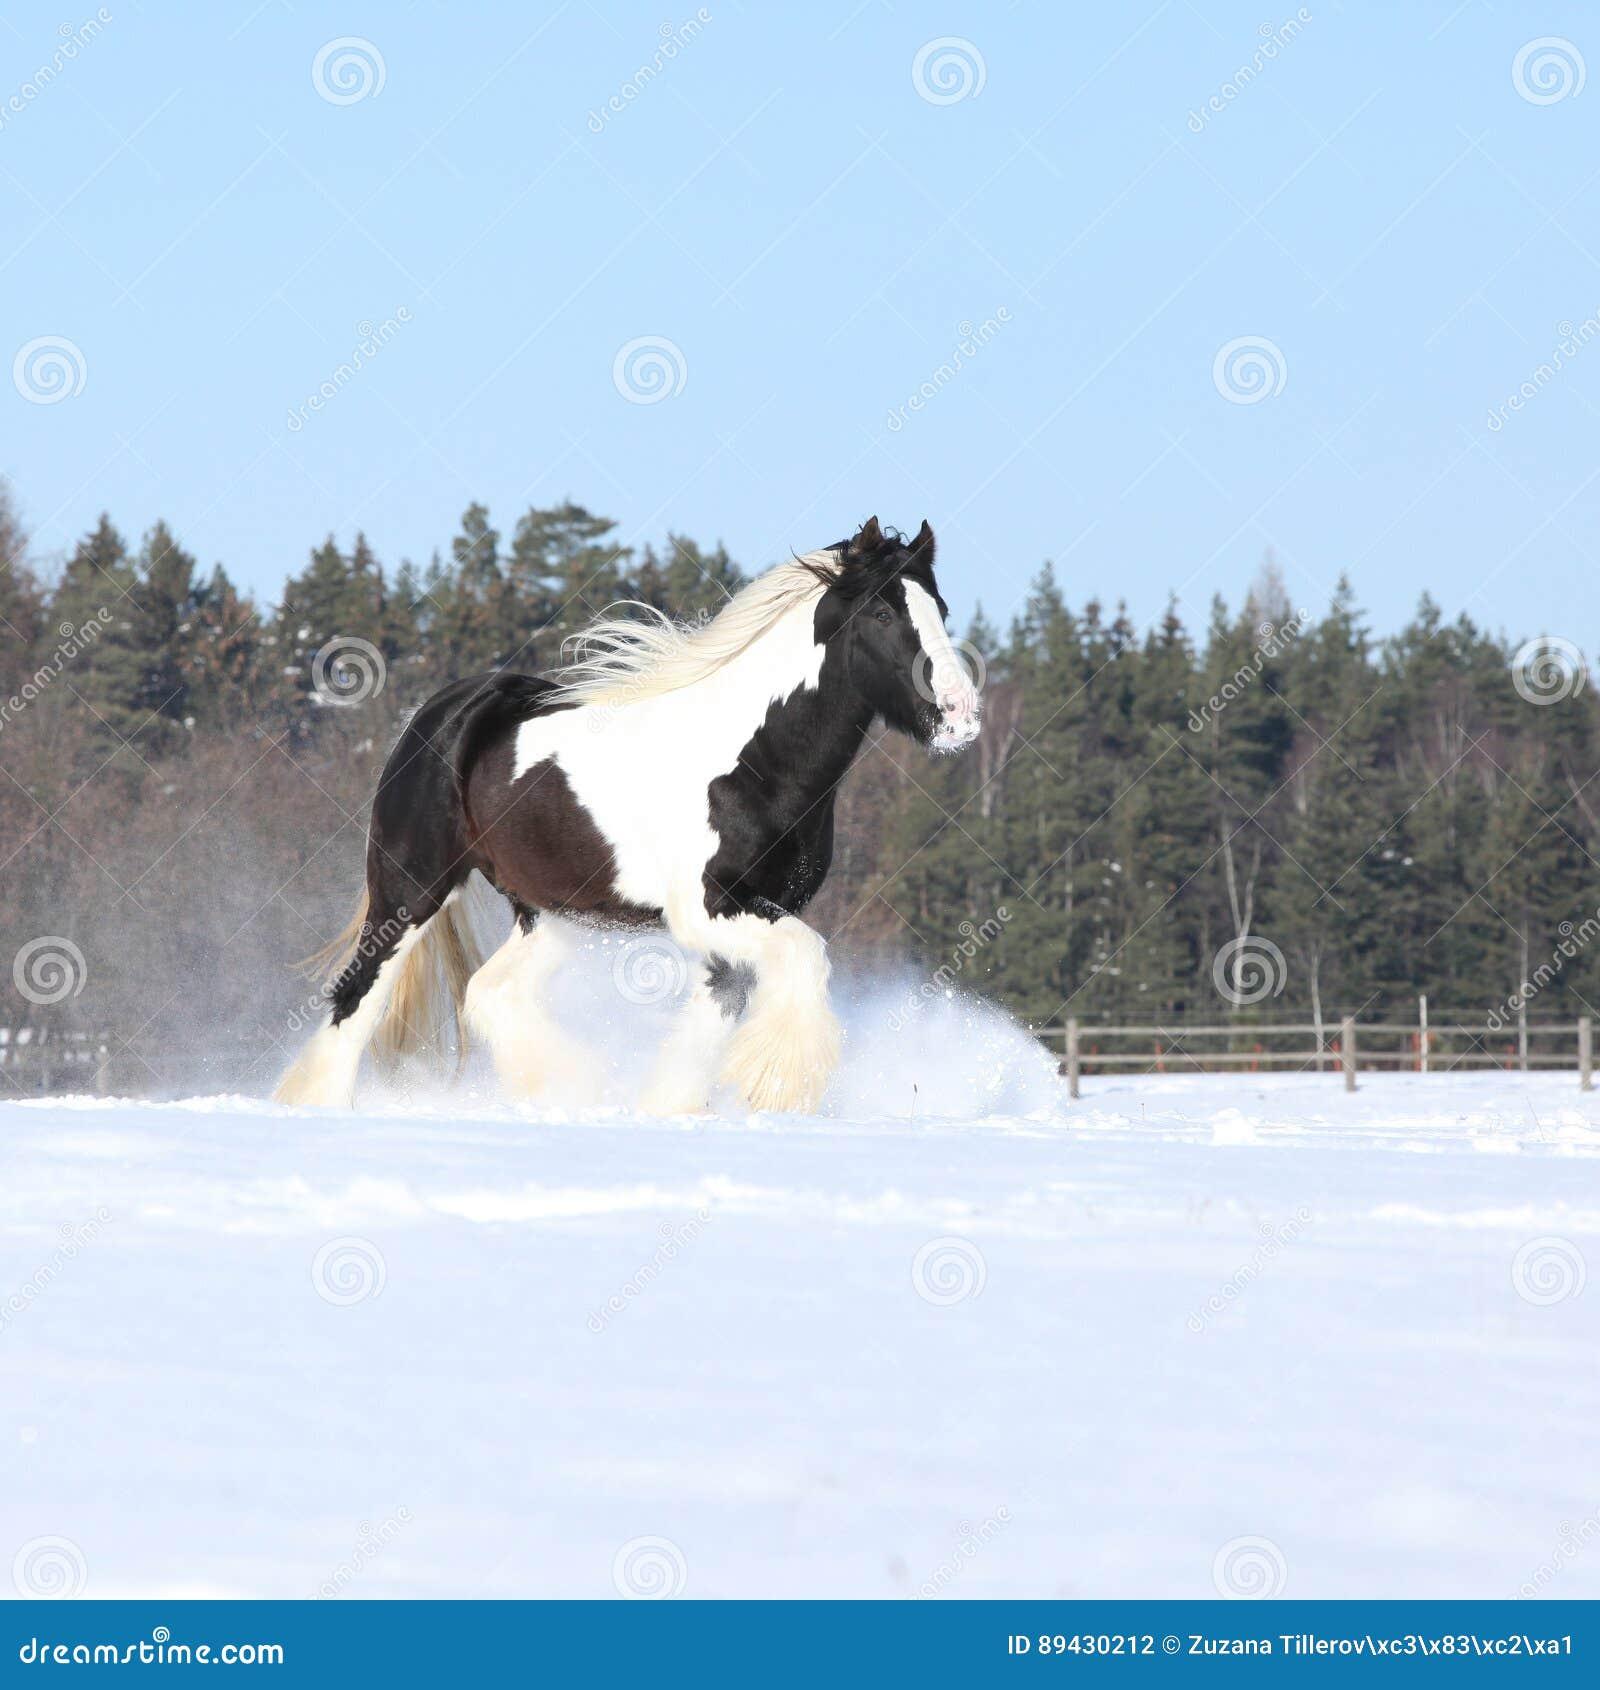 Amazing Stallion Of Irish Cob Running In Winter Stock Photo Image Of Equestrian Wintertime 89430212